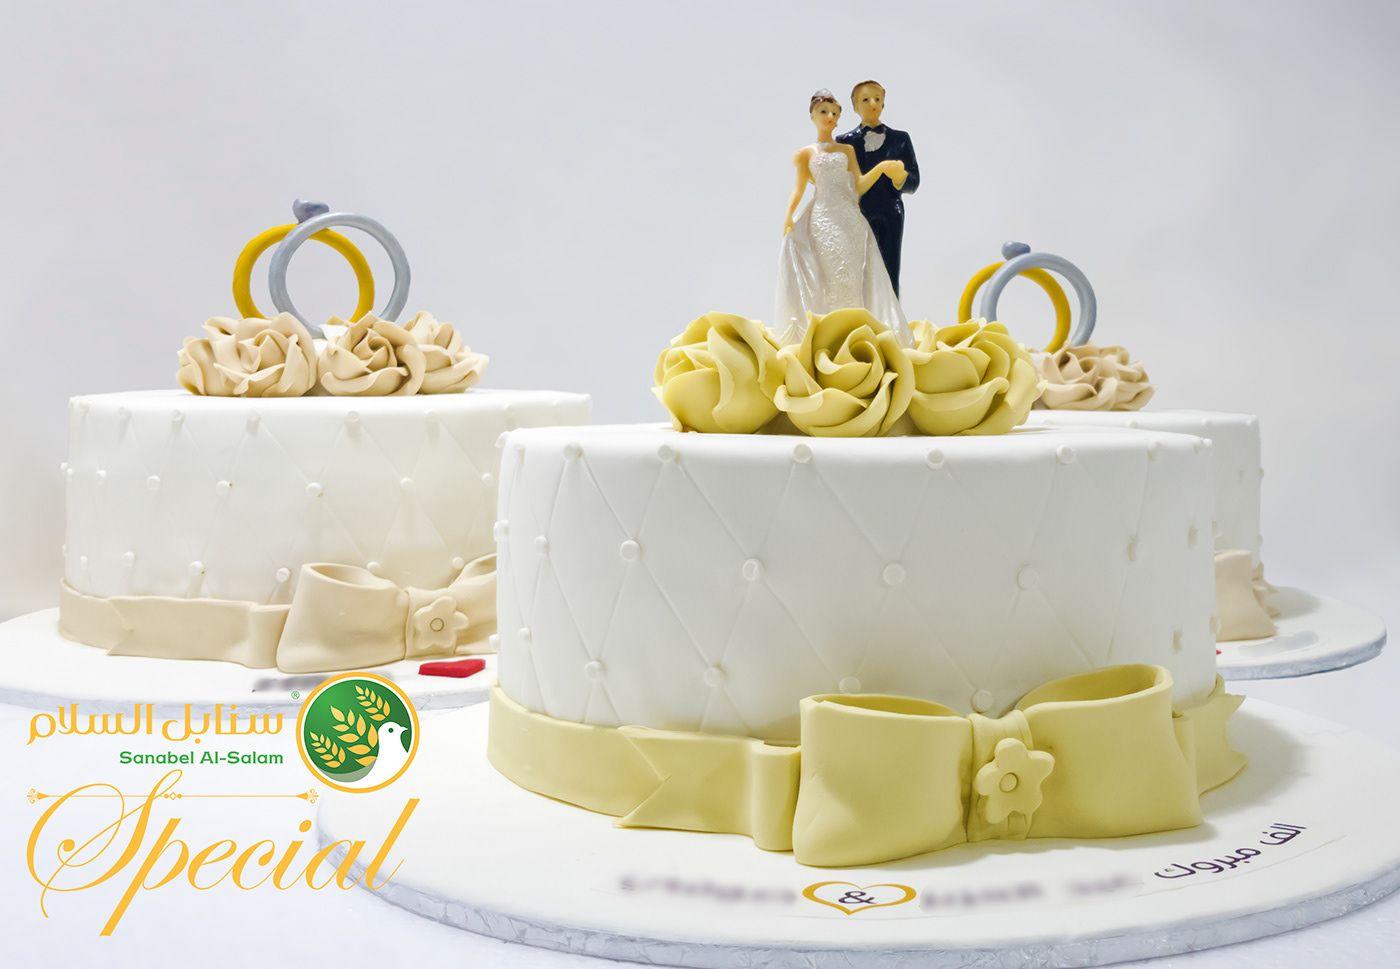 كبكيك كب كيك مافن سنابل السلام كيك كيكات صور Cup Cake Cake Cakes Muffin Cake Decoration Cake Design A B Sunnad Absunnad Ab Cake Photography Cake Special Cake